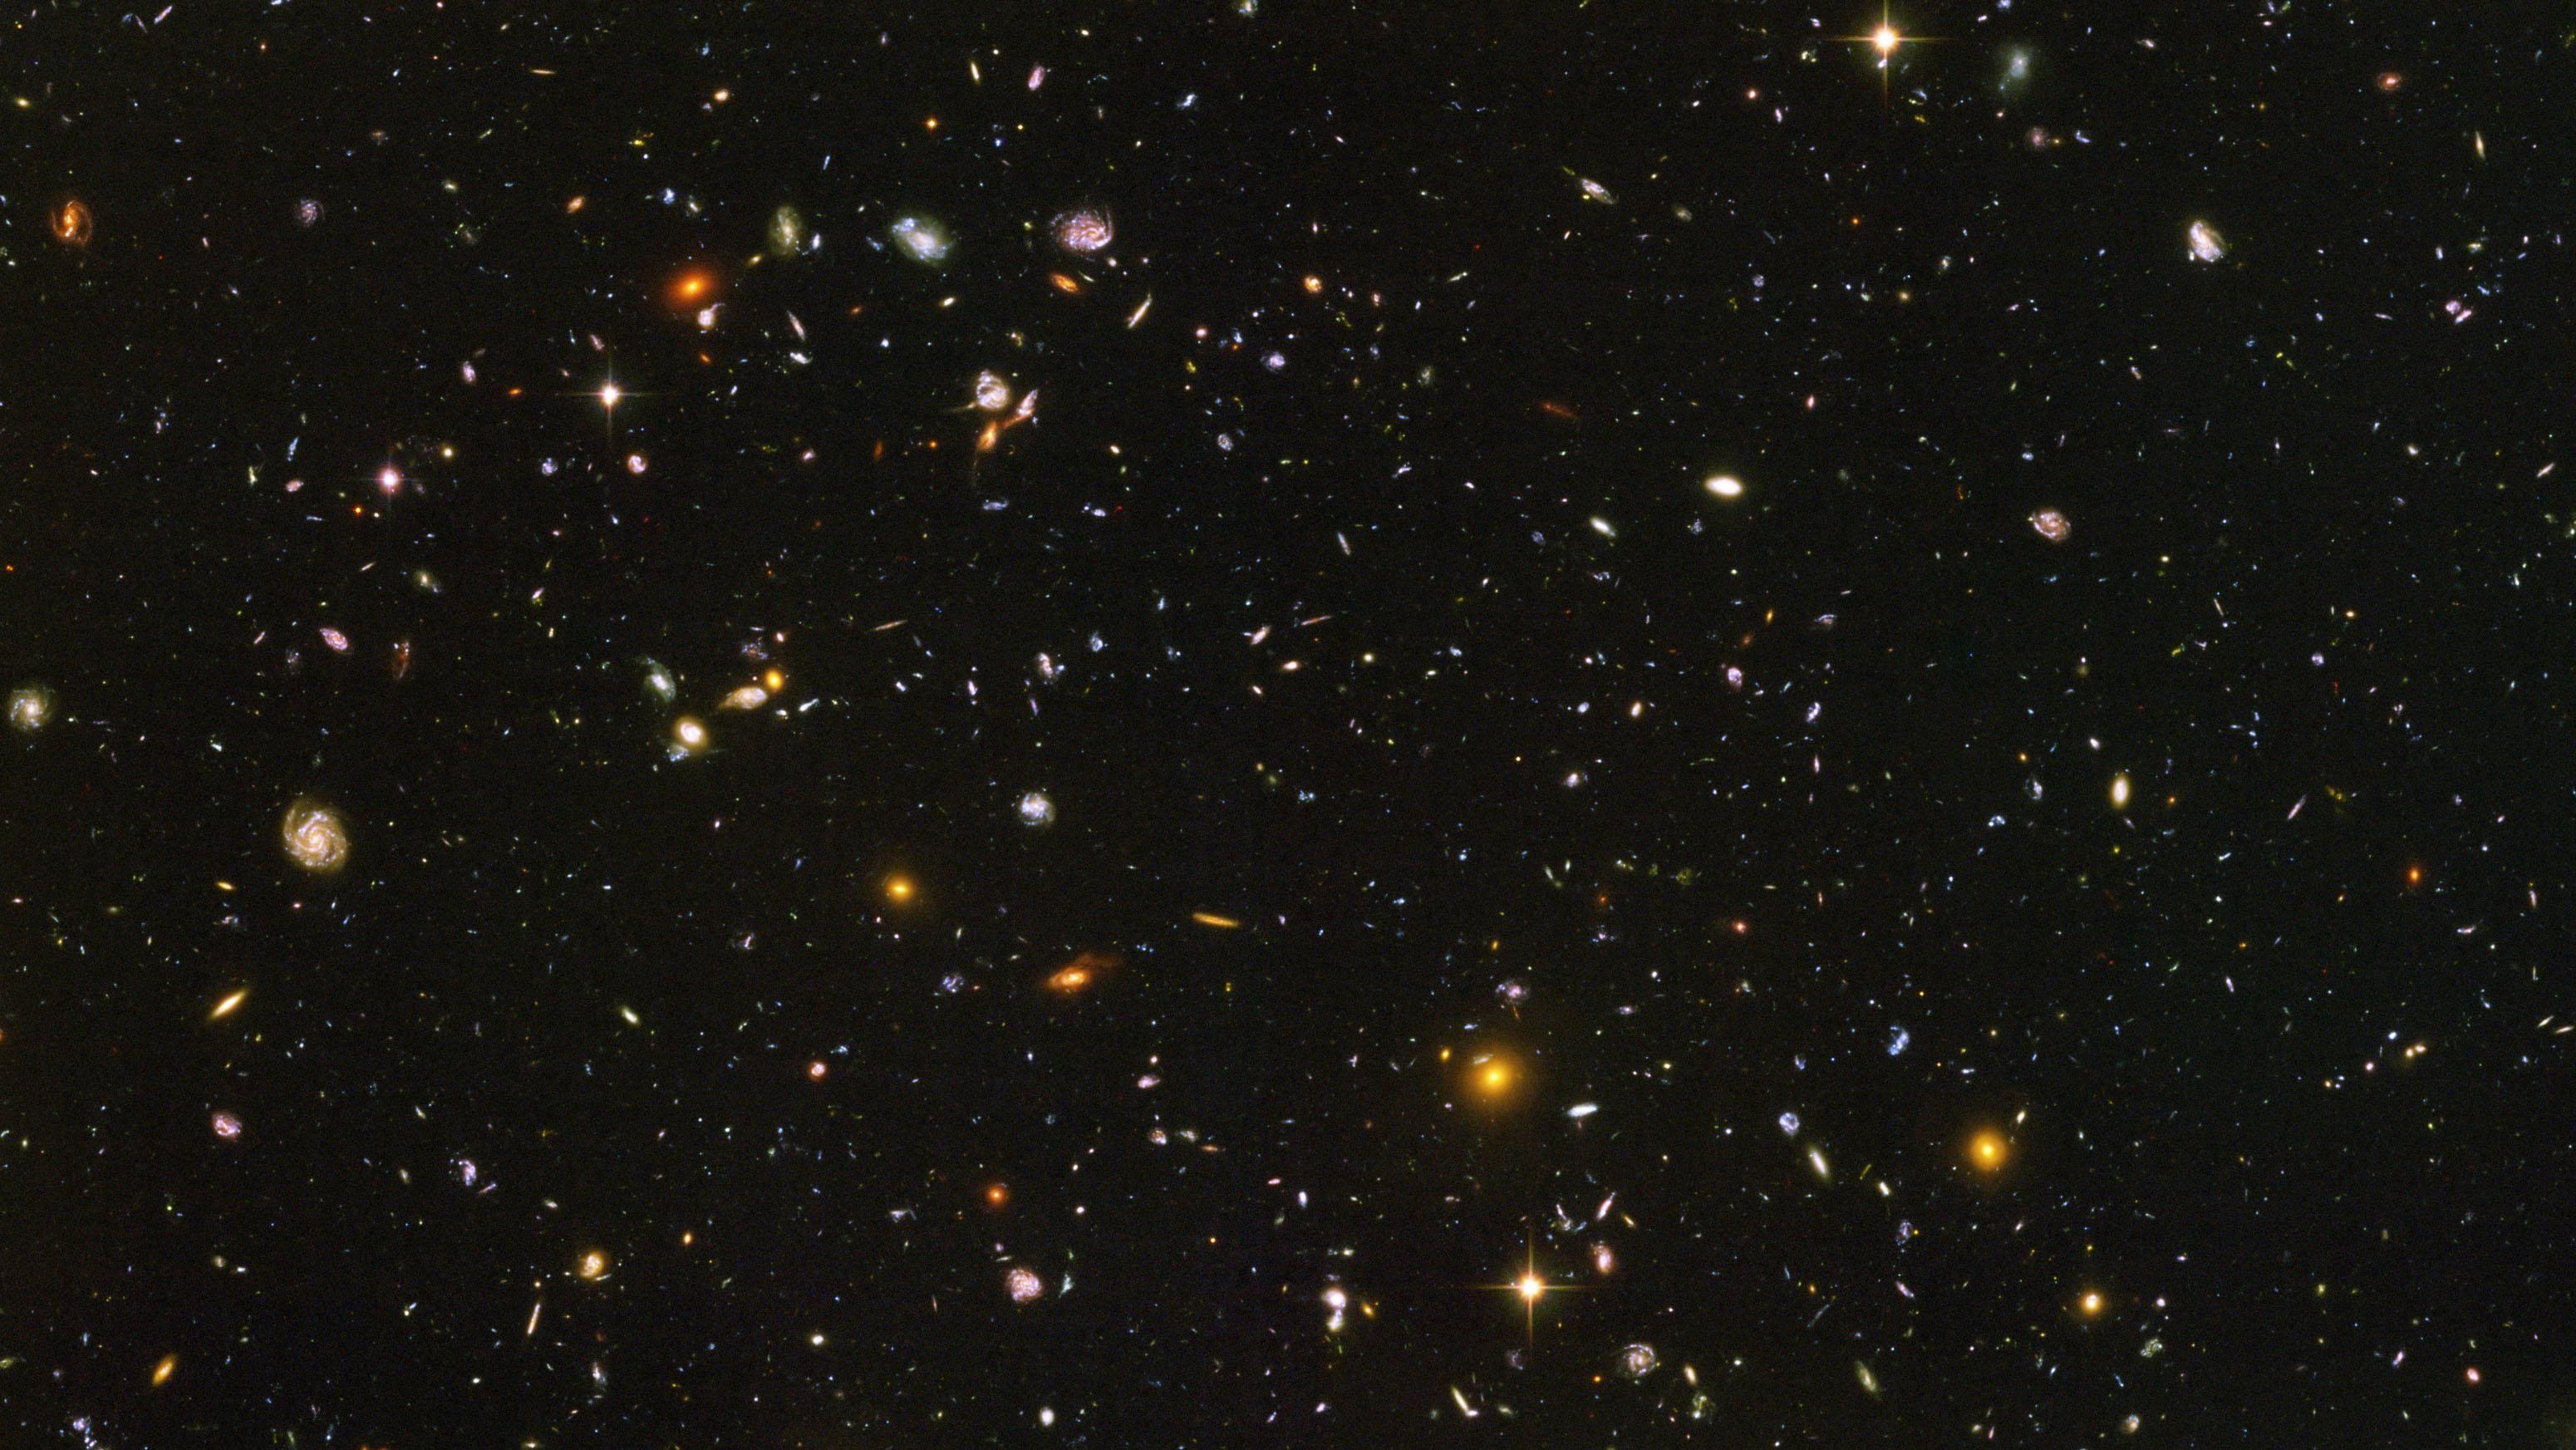 Hubble Ultra Deep Field Wallpapers Wallpaper Cave Hubble Ultra Deep Field Hubble Deep Field Hubble Telescope